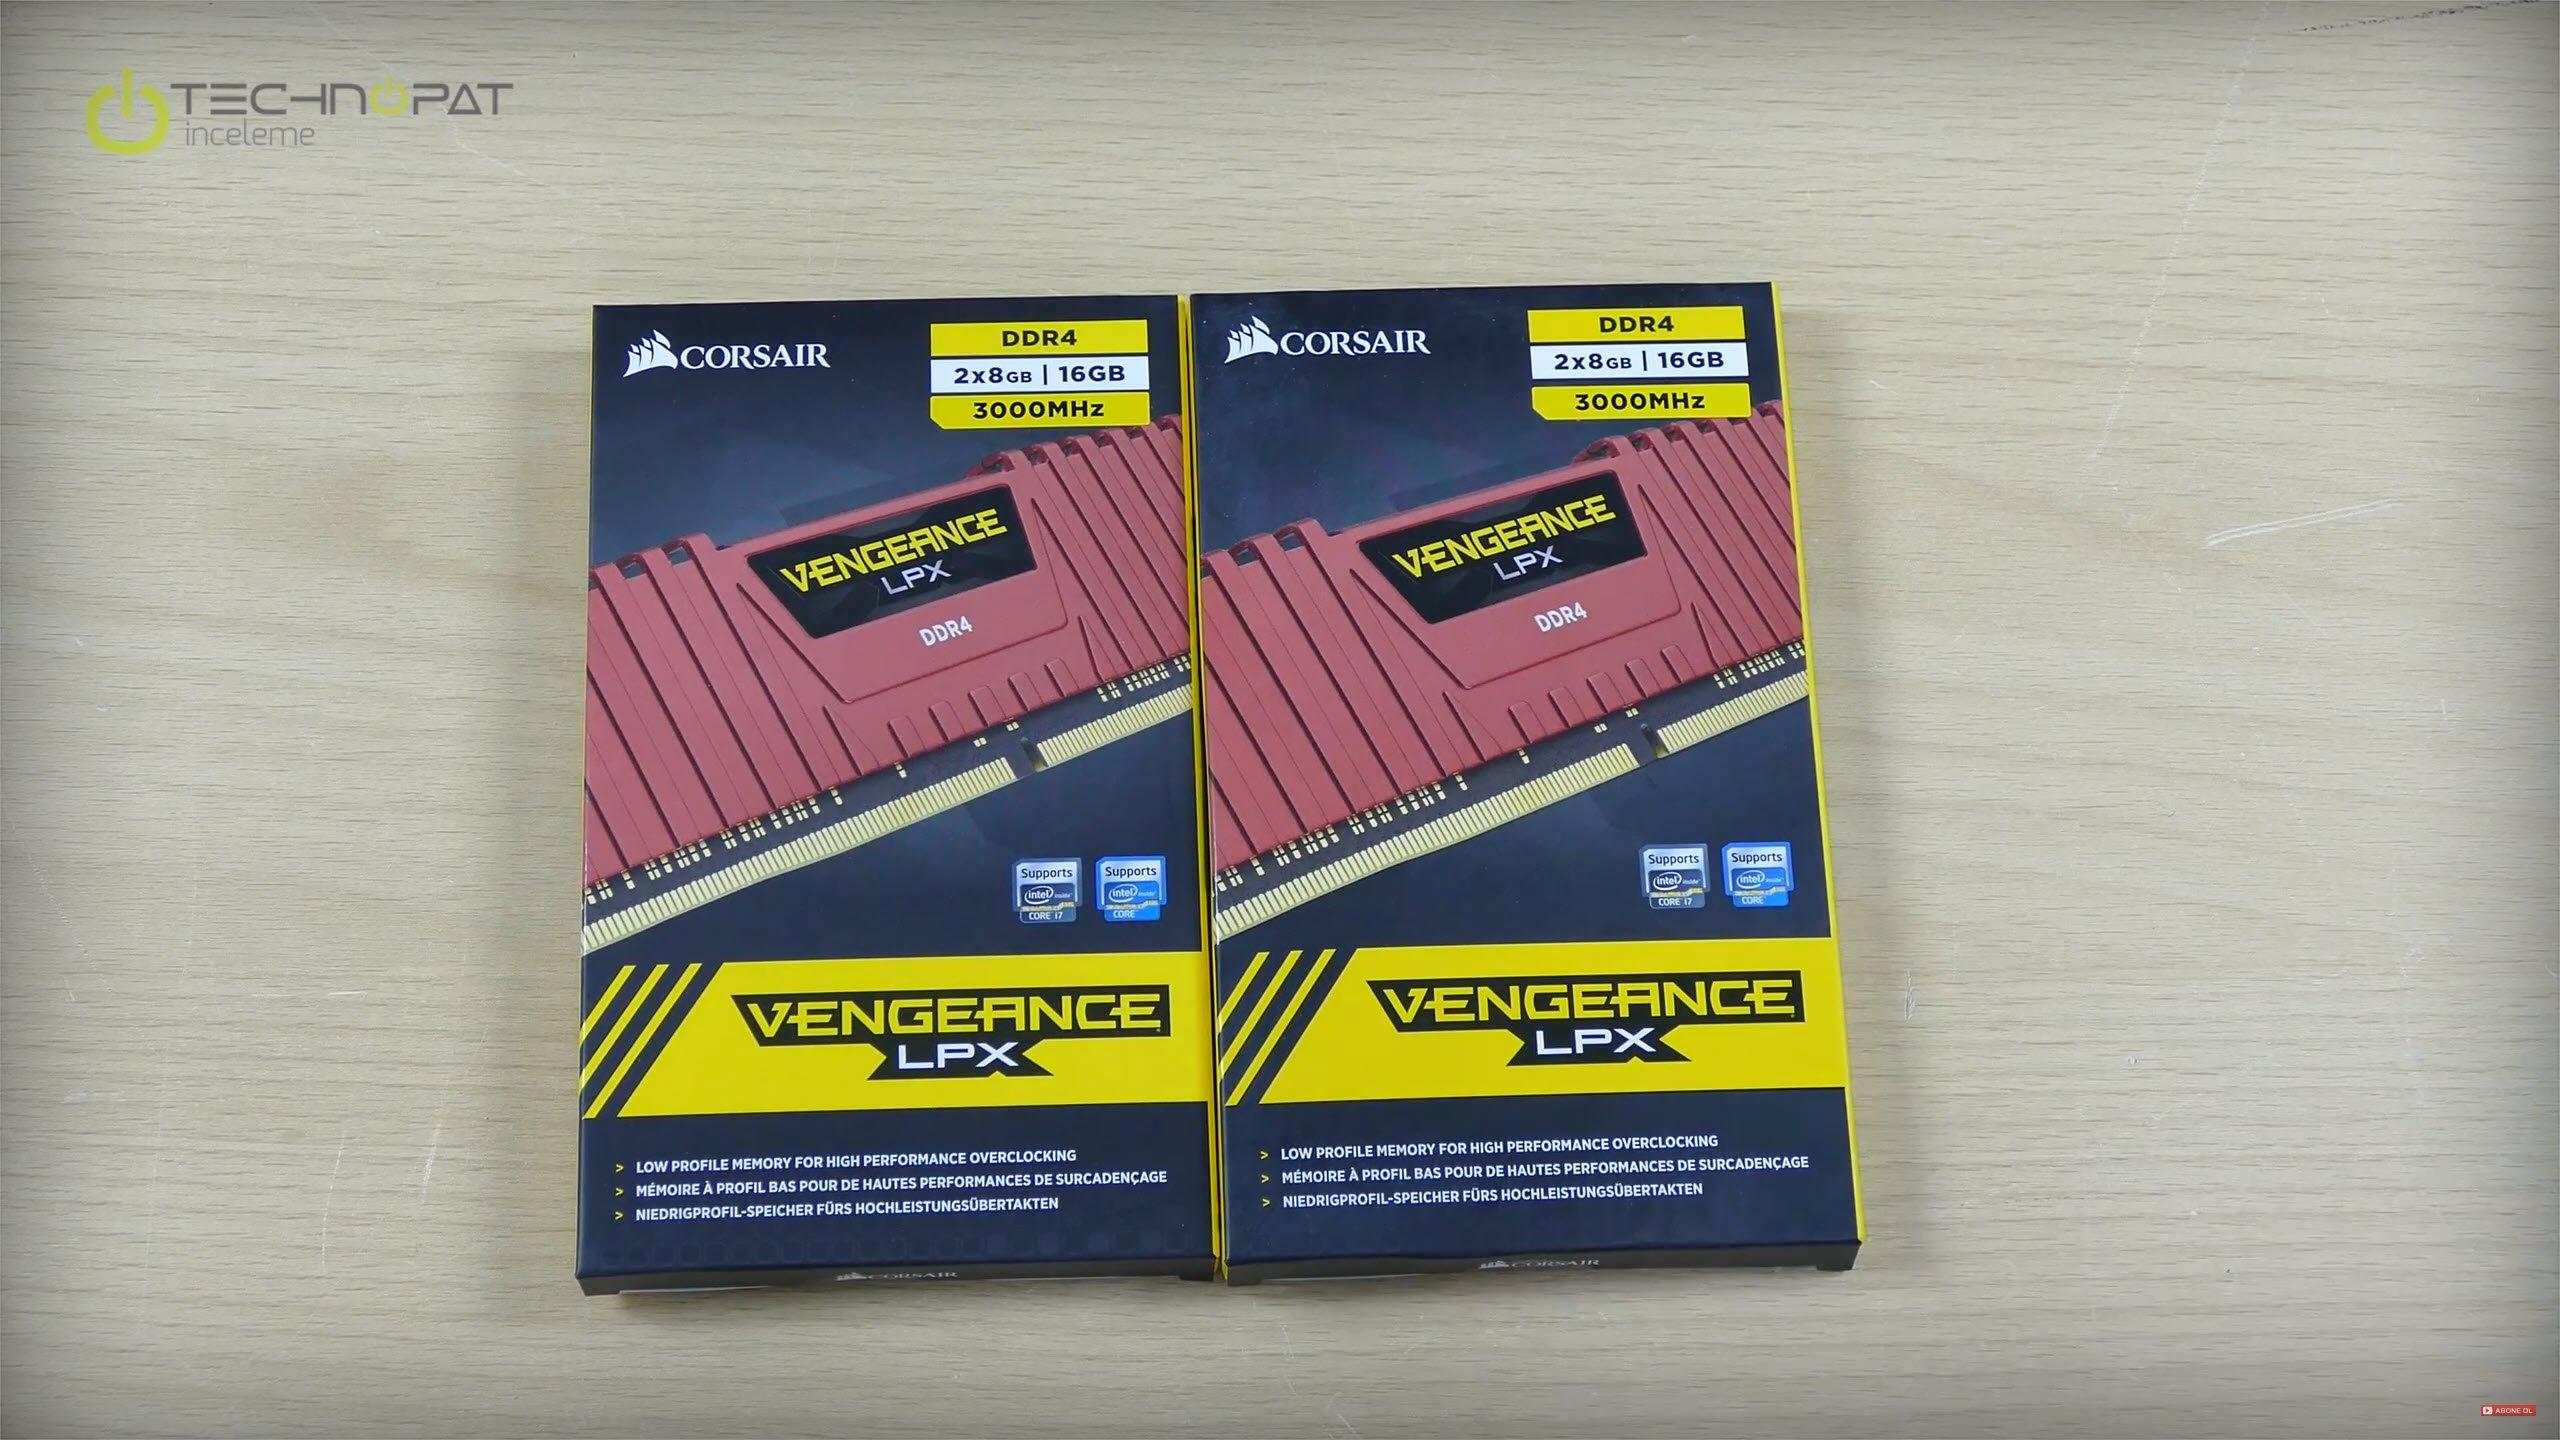 Corsair Vengeance LPX DDR4 RAM'ler XMP ile 3000 MHz destekliyor